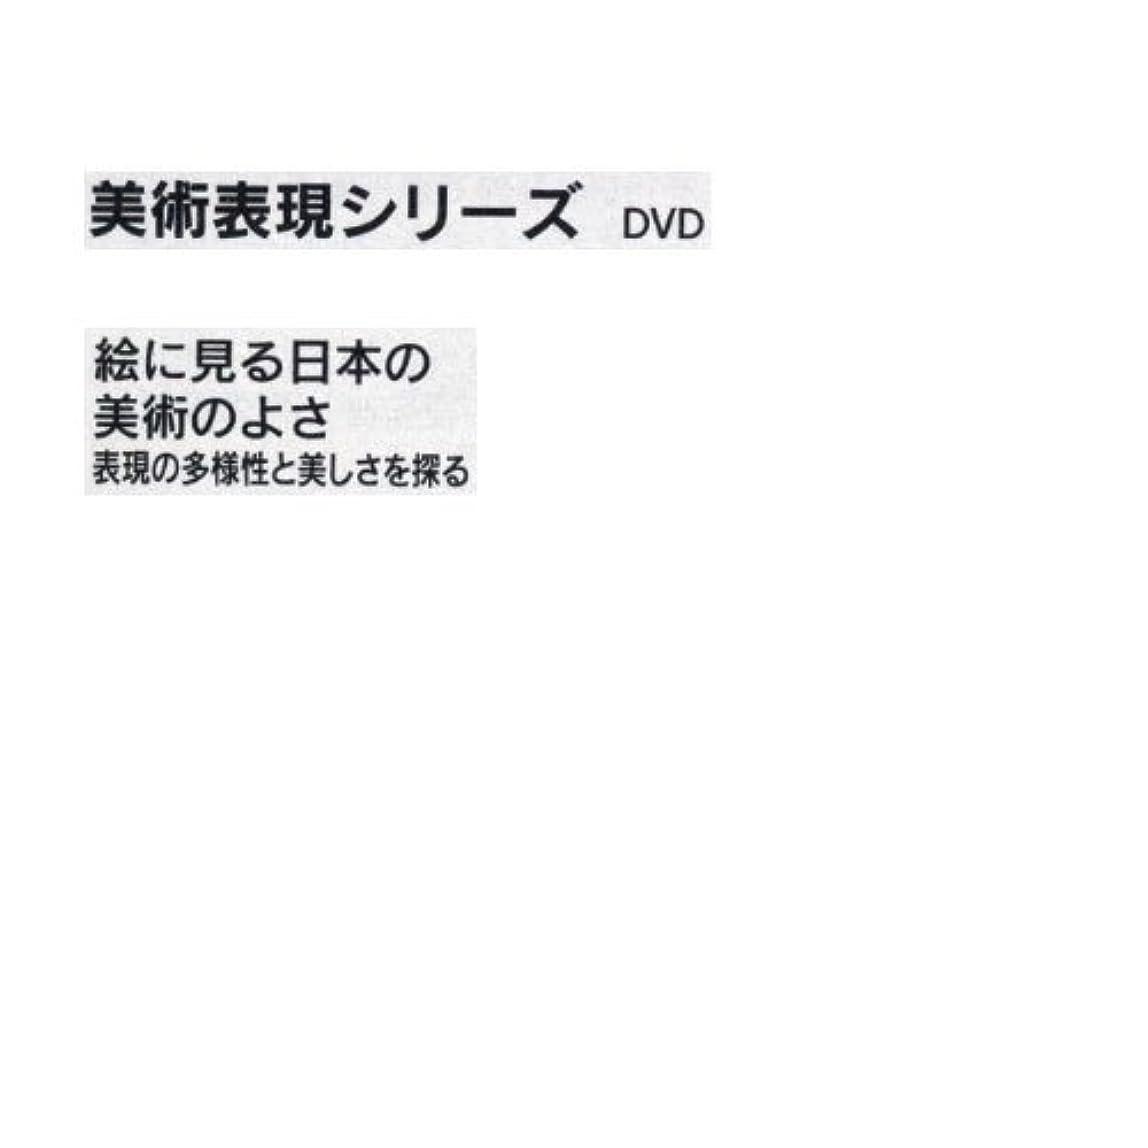 反対にラッカス暗記するDVD 絵に見る日本美術のよさ B53-2941